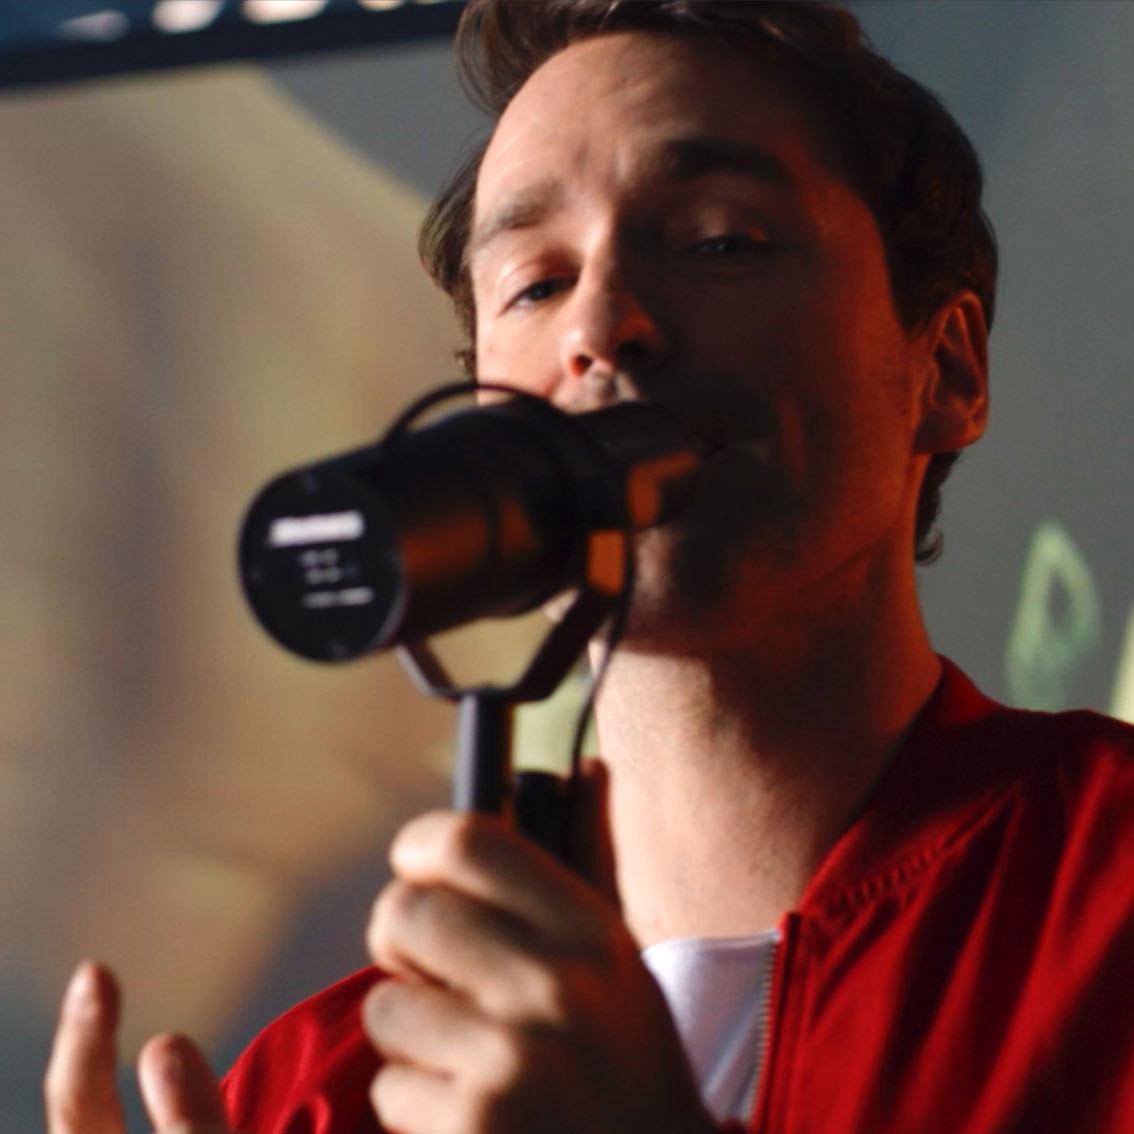 Benoby singt den Handwerk-Song